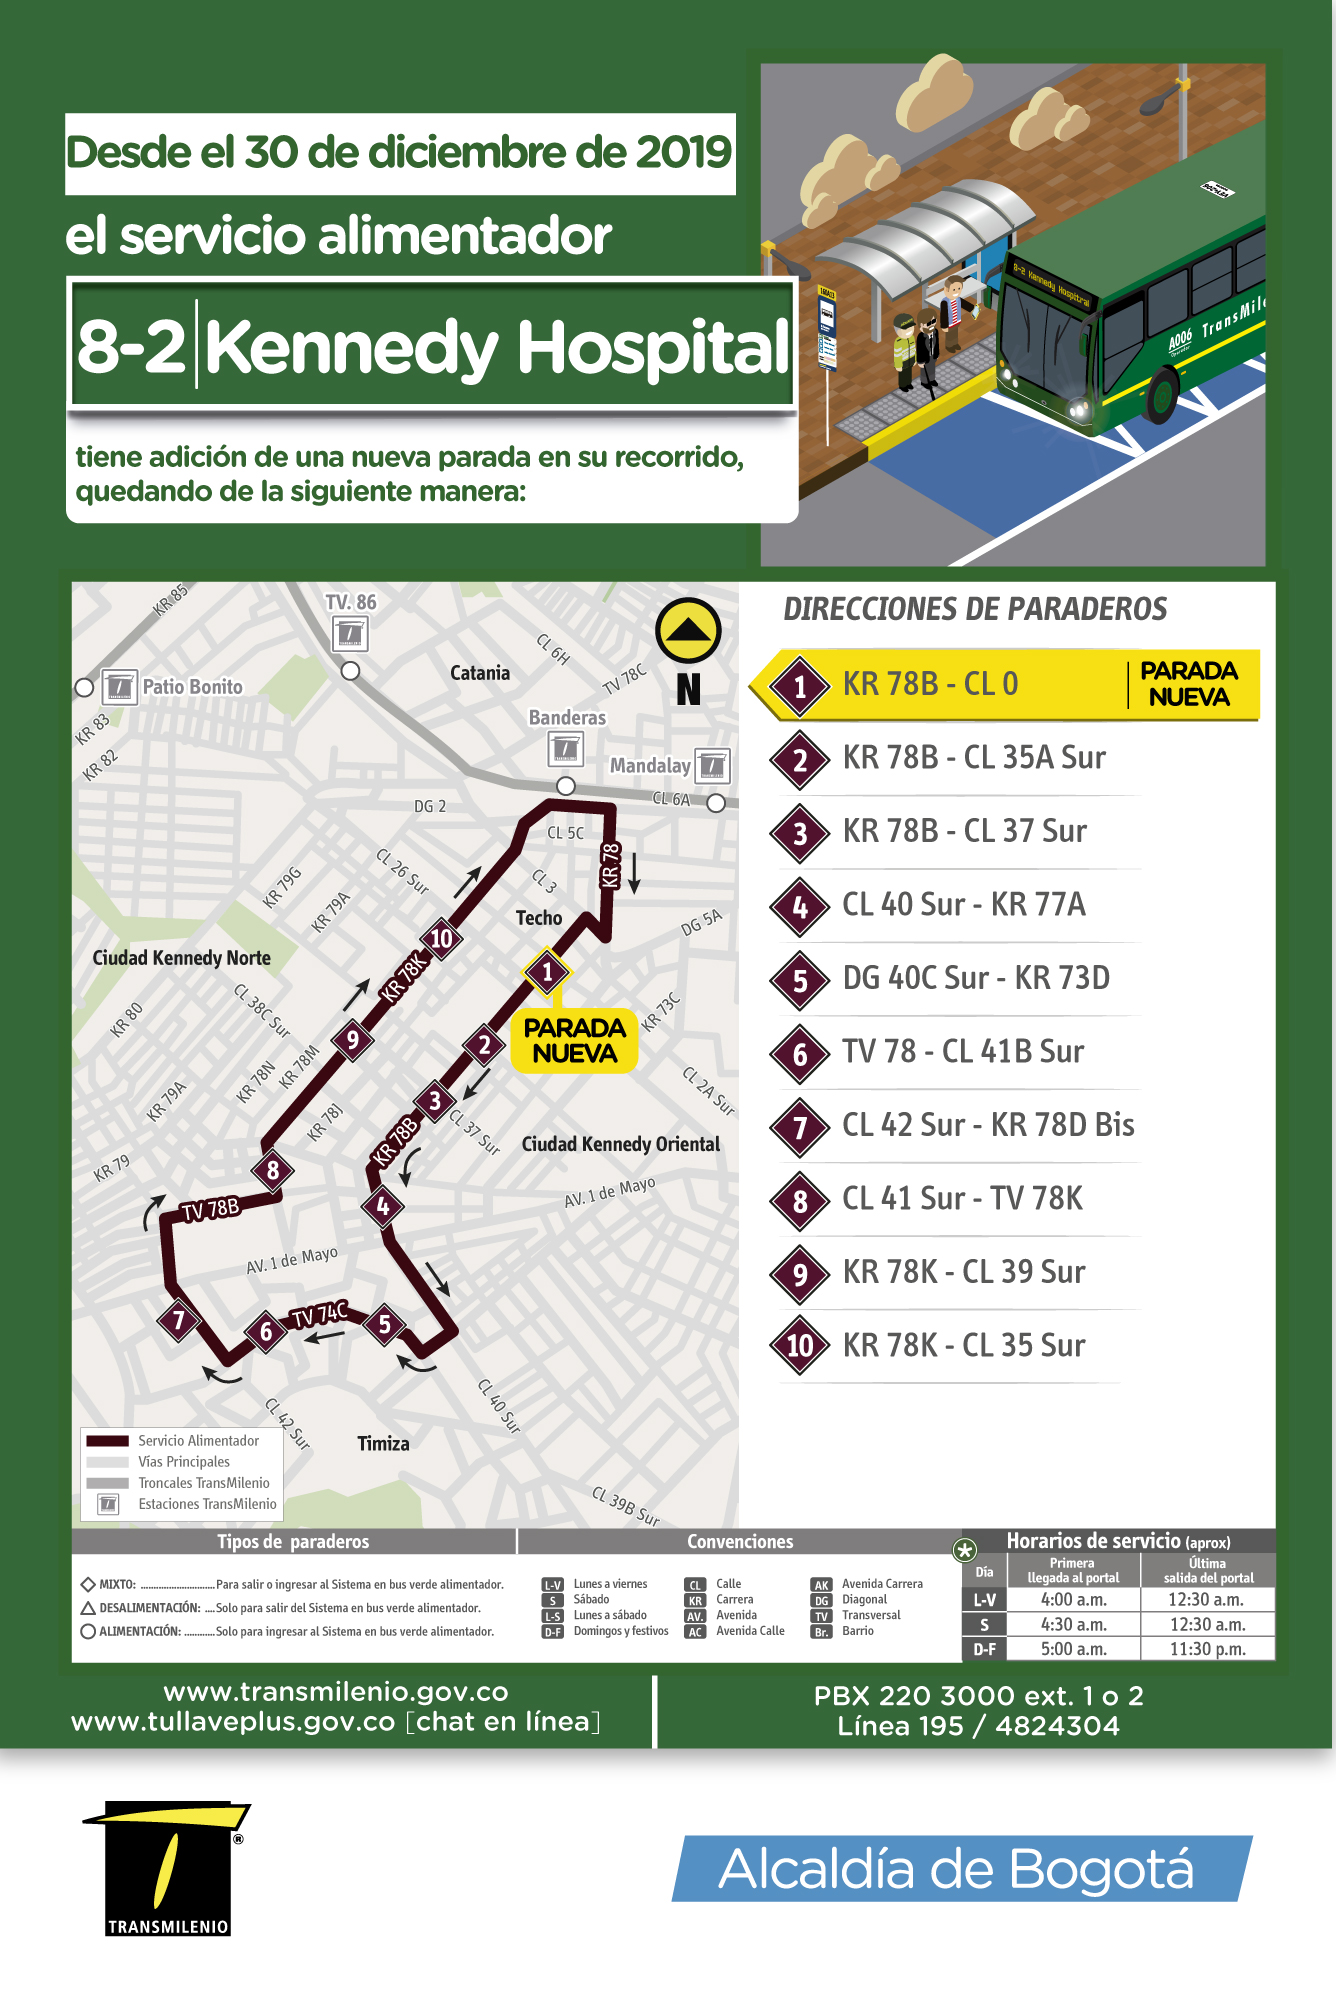 Mapa de la ruta 8-2 Kennedy Hospital